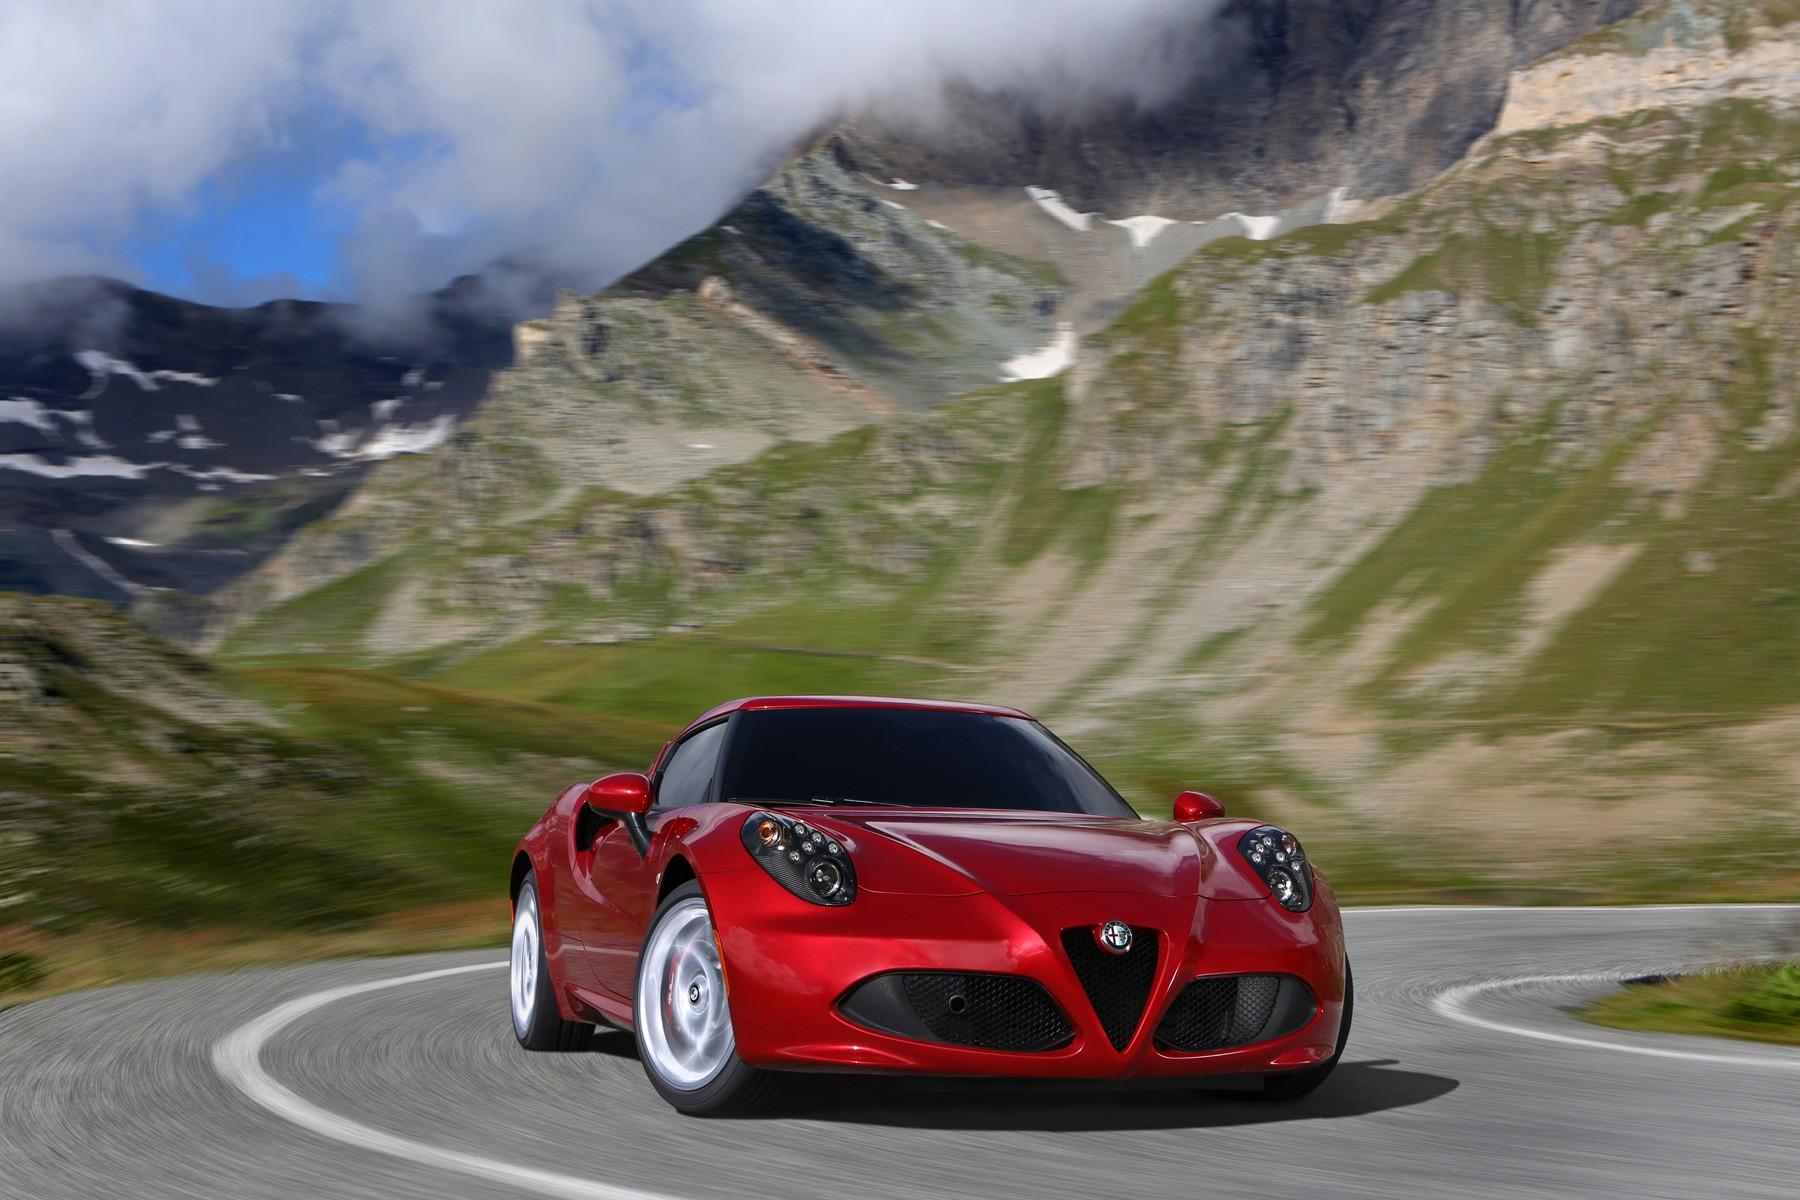 [Alfa Romeo] 4C Alfa_romeo_4c_2013_2c5a0-1800-1200